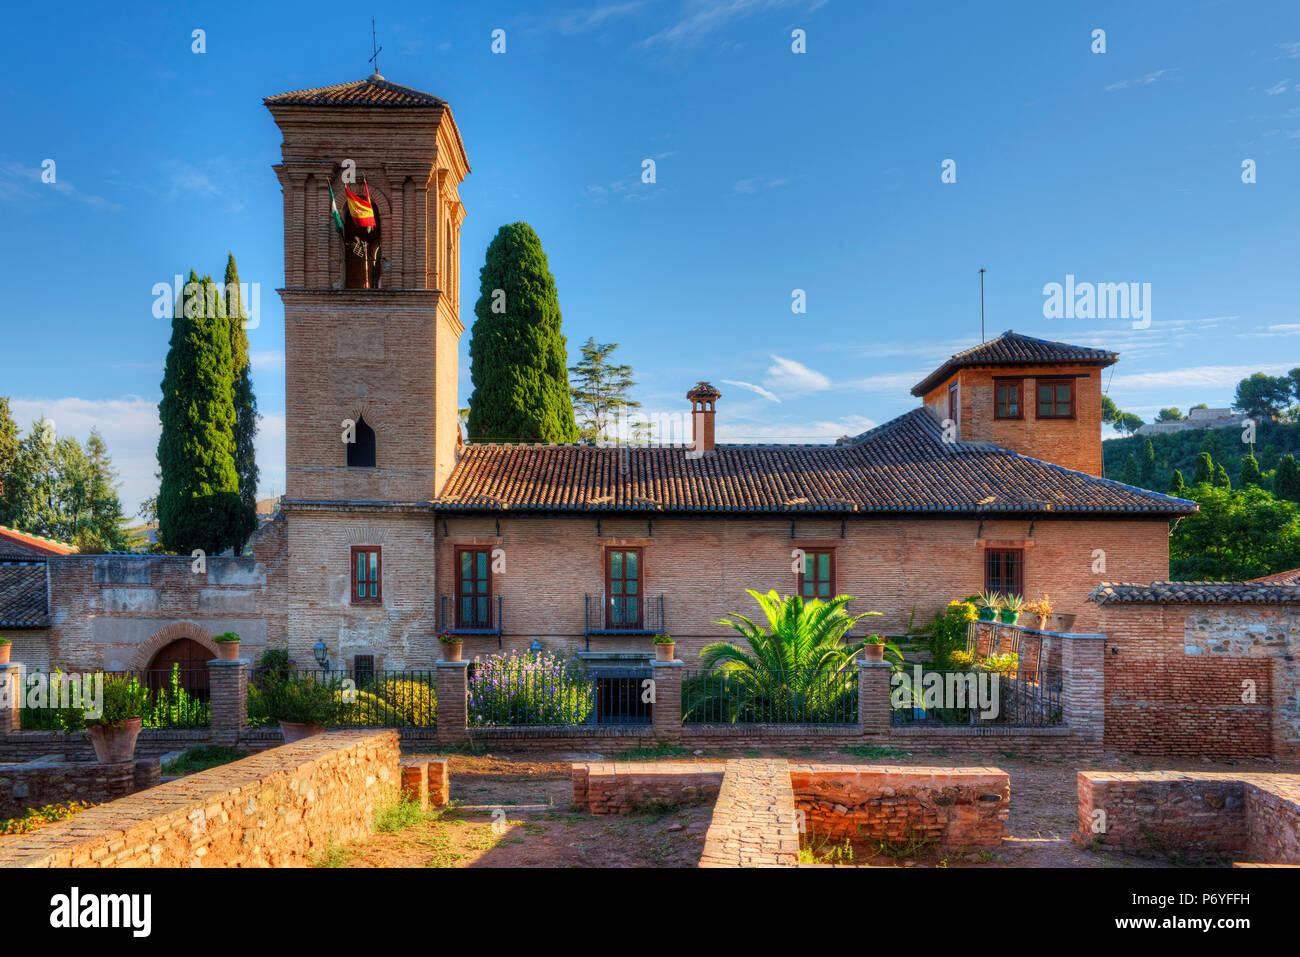 Kloster von San Francisco, Alhambra, UNESCO-Weltkulturerbe, Granada, Spanien Stockbild